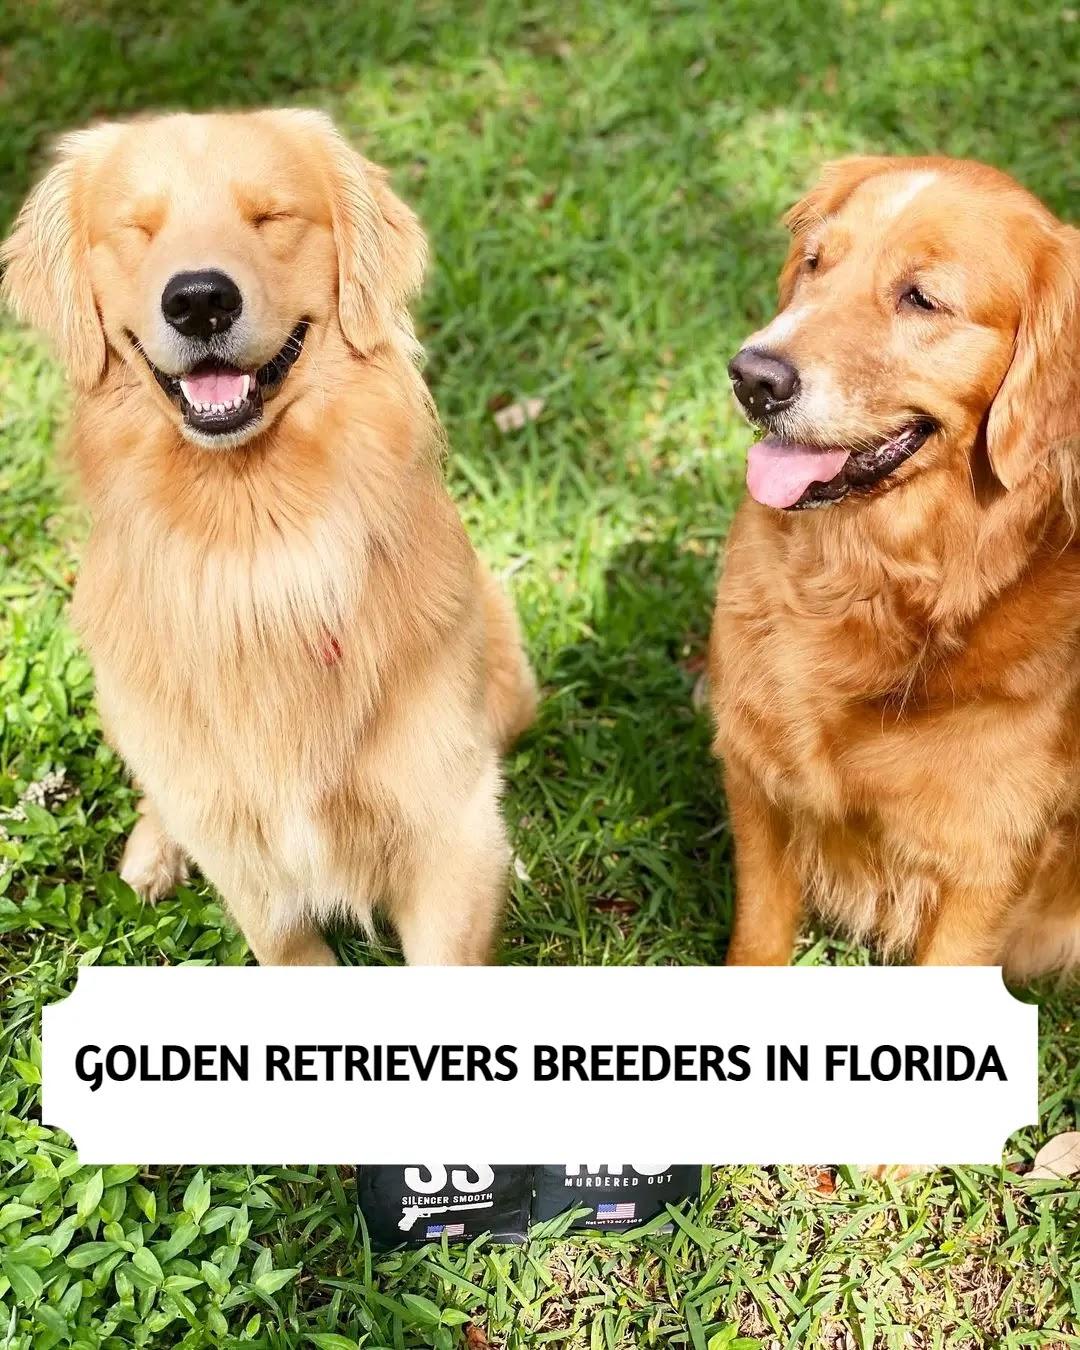 Best Golden Retriever Breeders in Florida